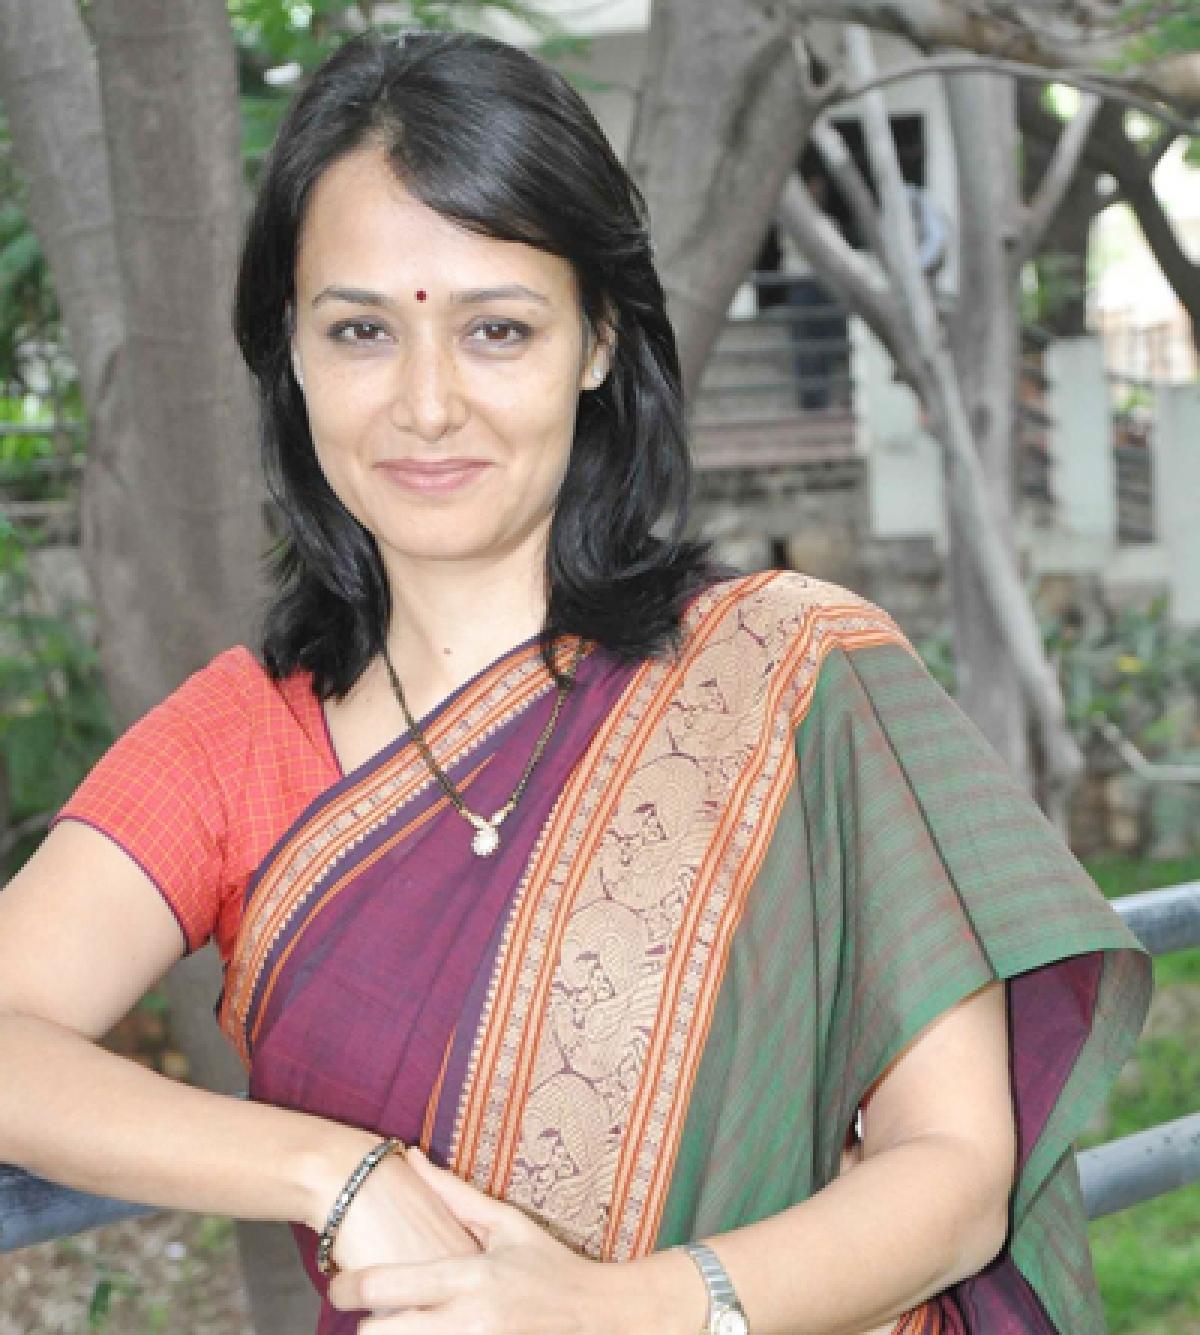 Amala Part Of The 'Adhuri Kahani'